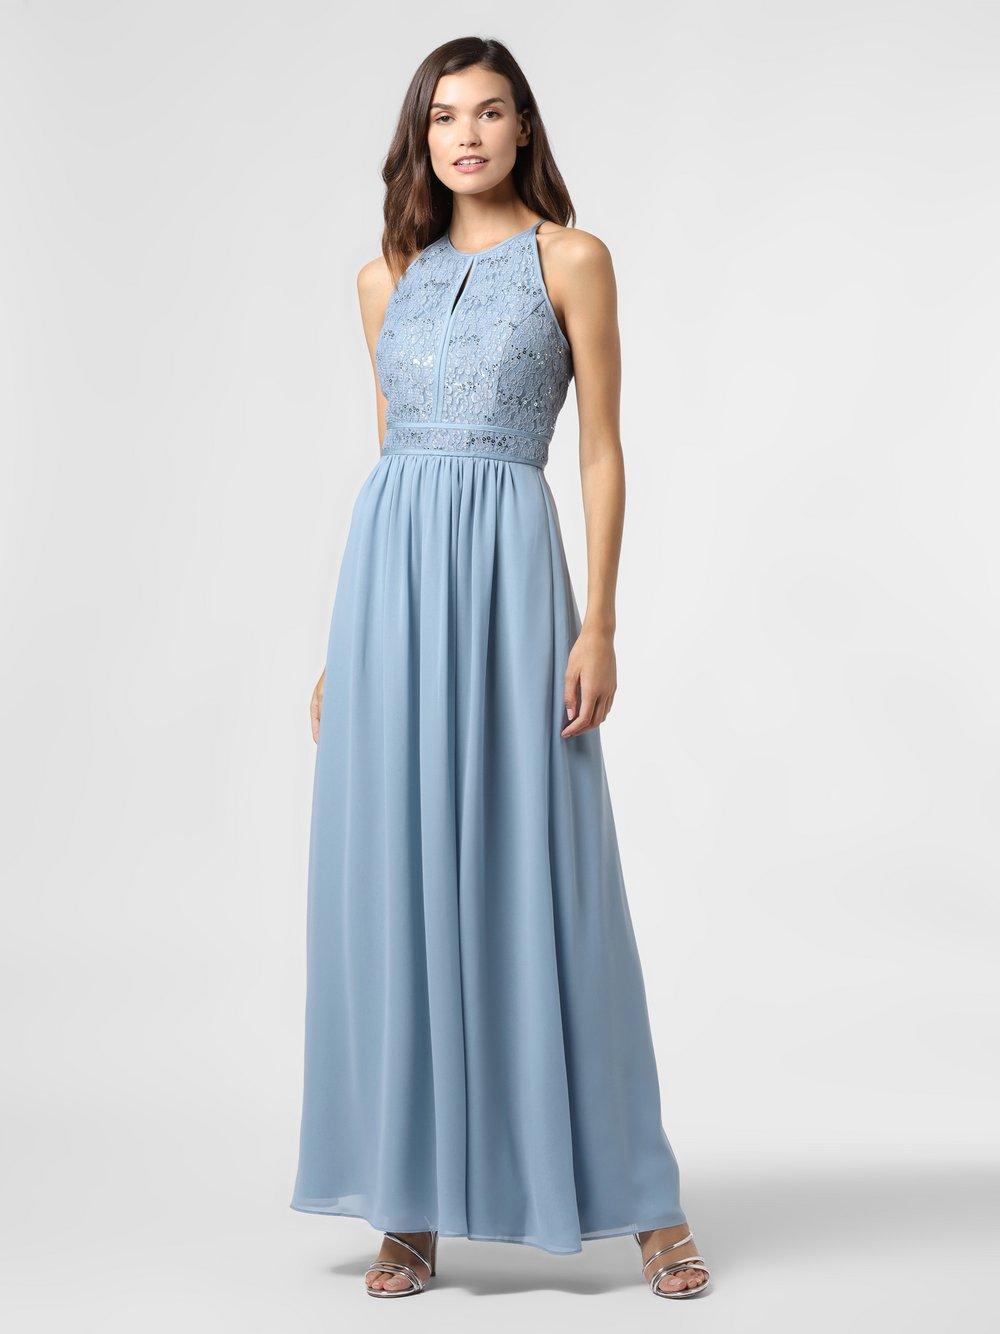 VM – Damska sukienka wieczorowa, niebieski Van Graaf 489711-0002-00340